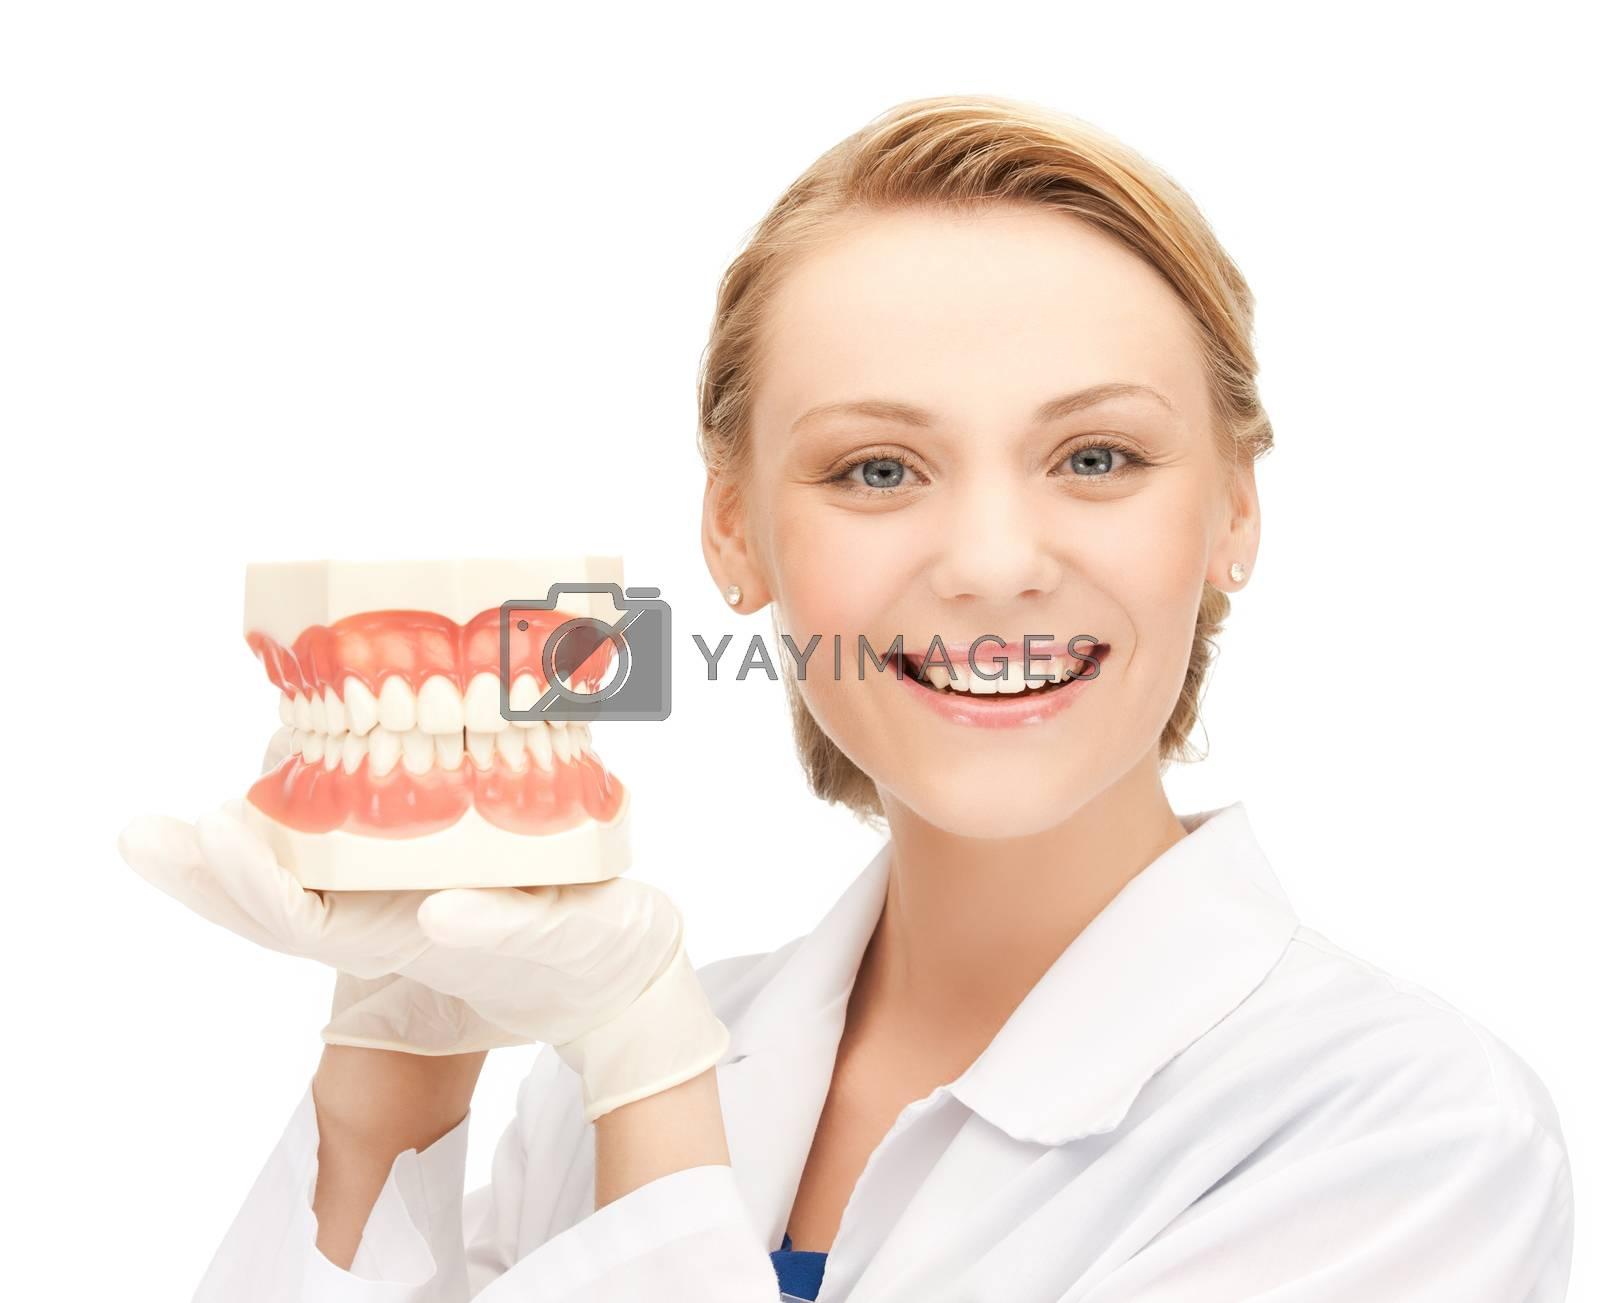 doctor with big jaws by dolgachov